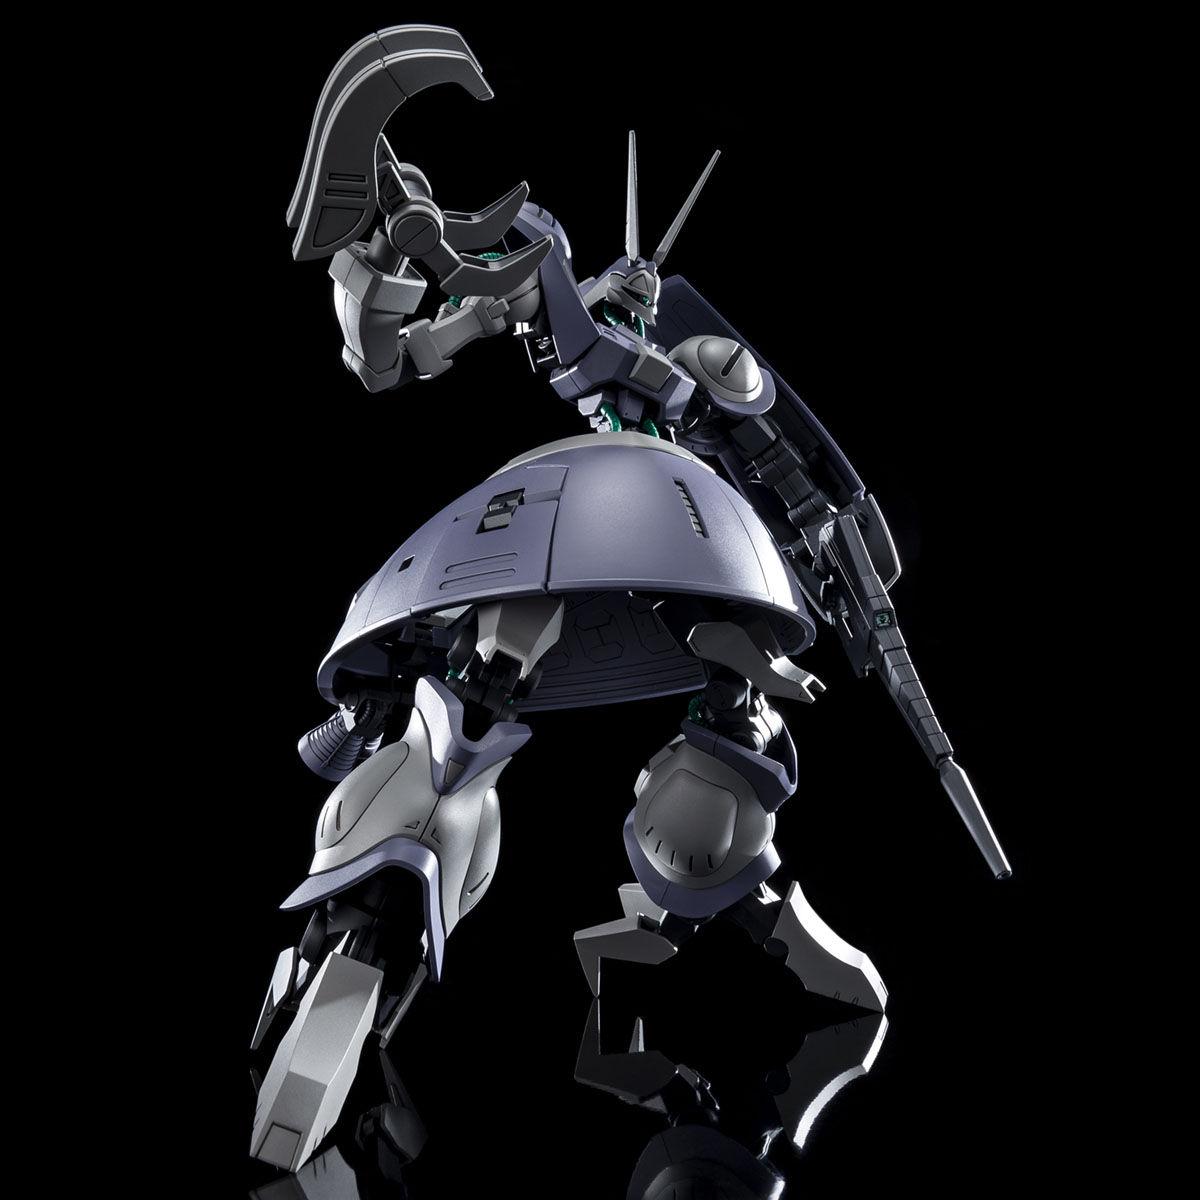 【限定販売】HG 1/144『バウンド・ドック(ゲーツ・キャパ専用機)』機動戦士Zガンダム プラモデル-006